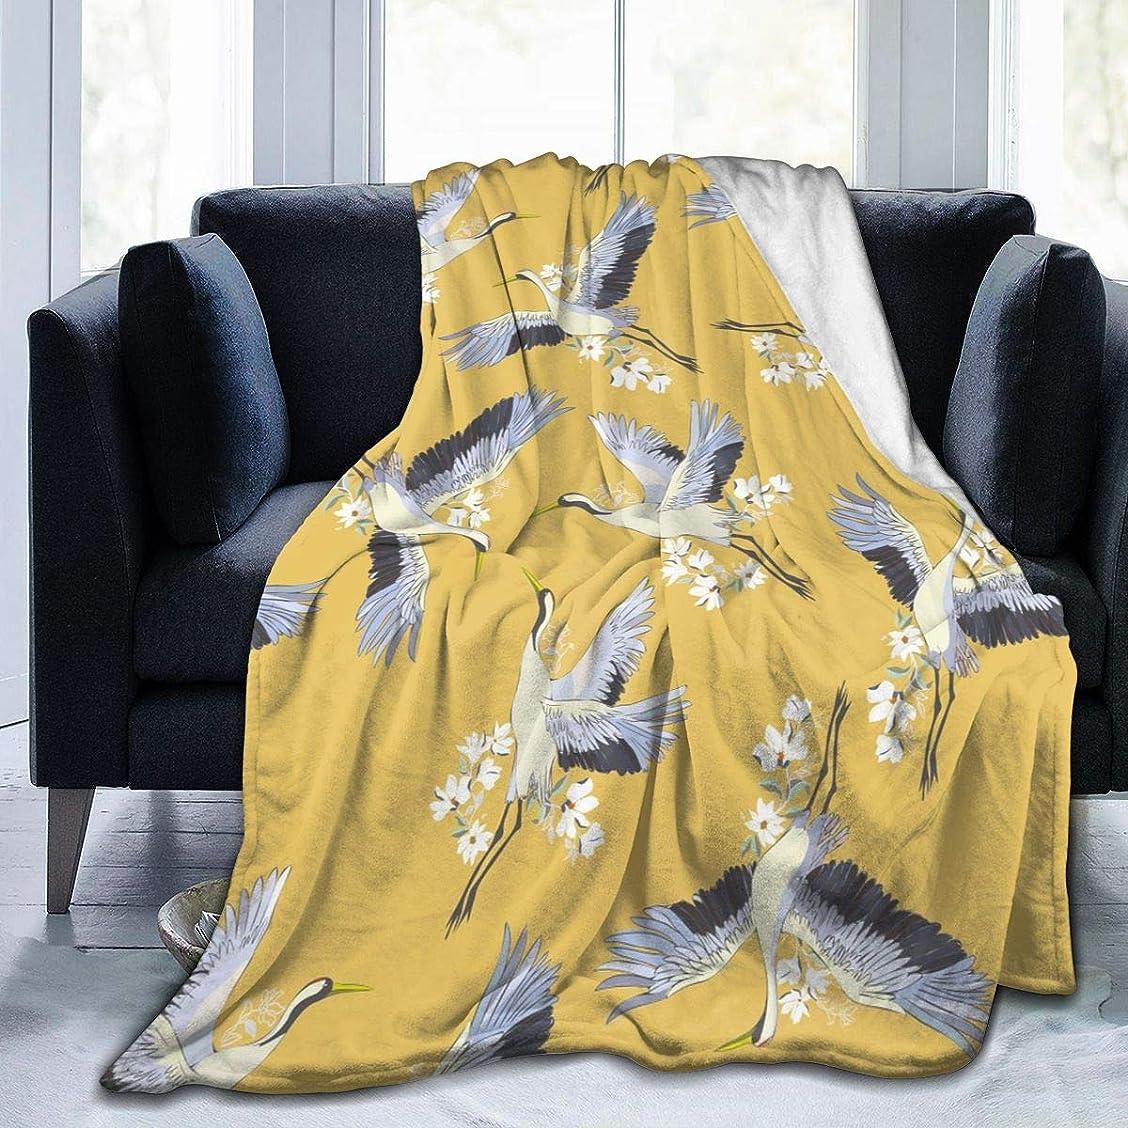 サンダース解放プロトタイプ鶴と花 飛ぶ 毛布 掛け毛布 ブランケット シングル 暖かい柔らかい ふわふわ フランネル 毛布 三つのサイズ